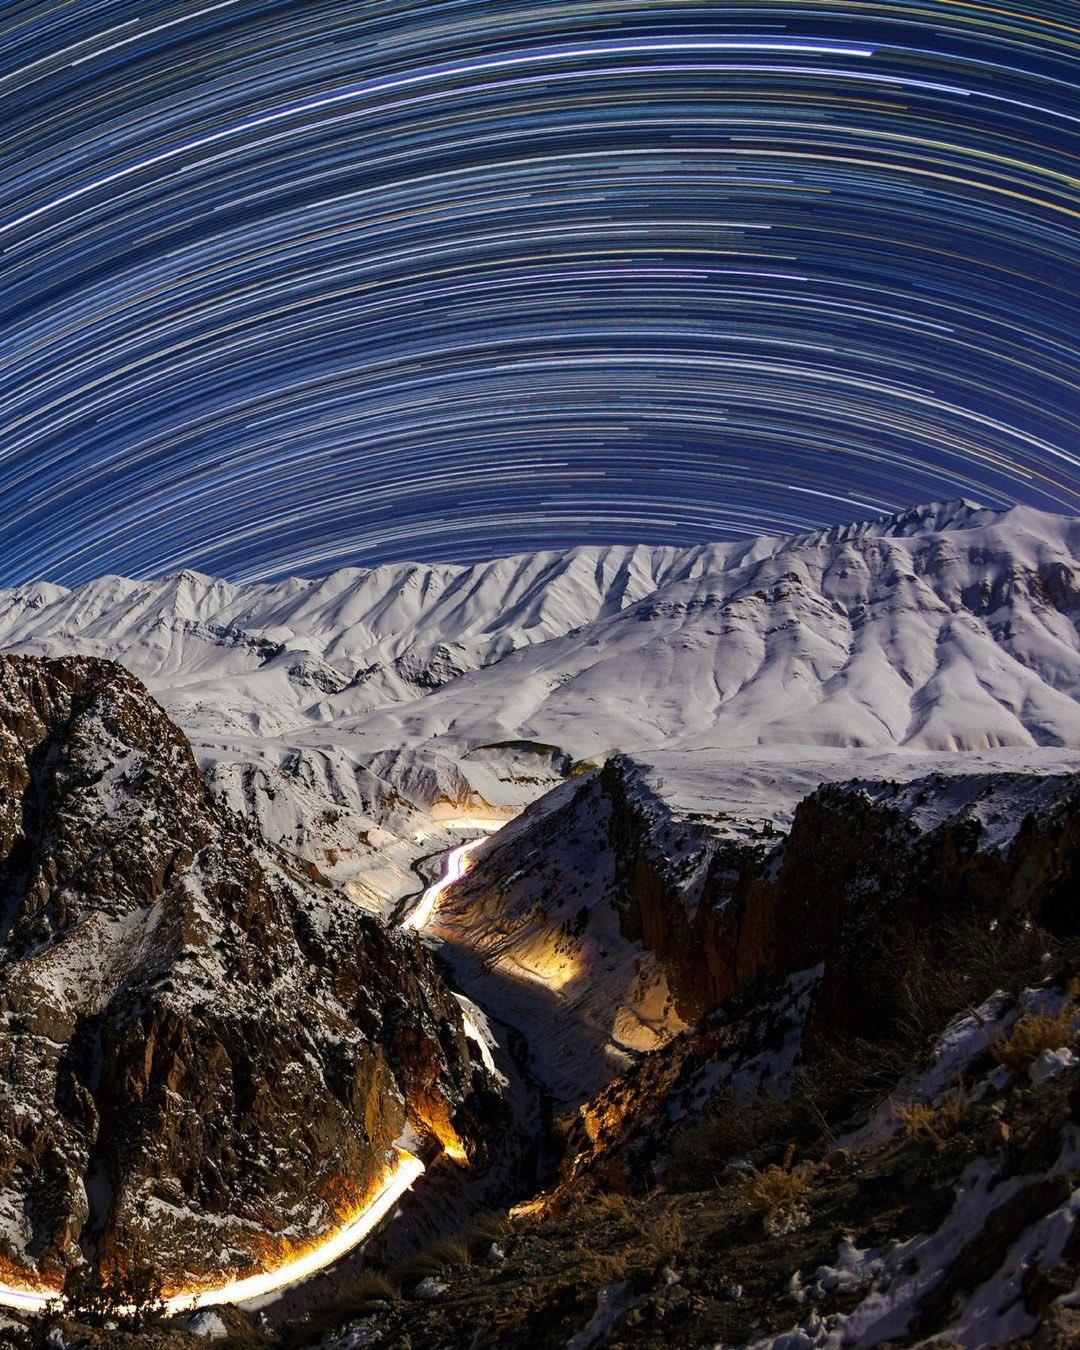 رد ستارگان بر سر البرز